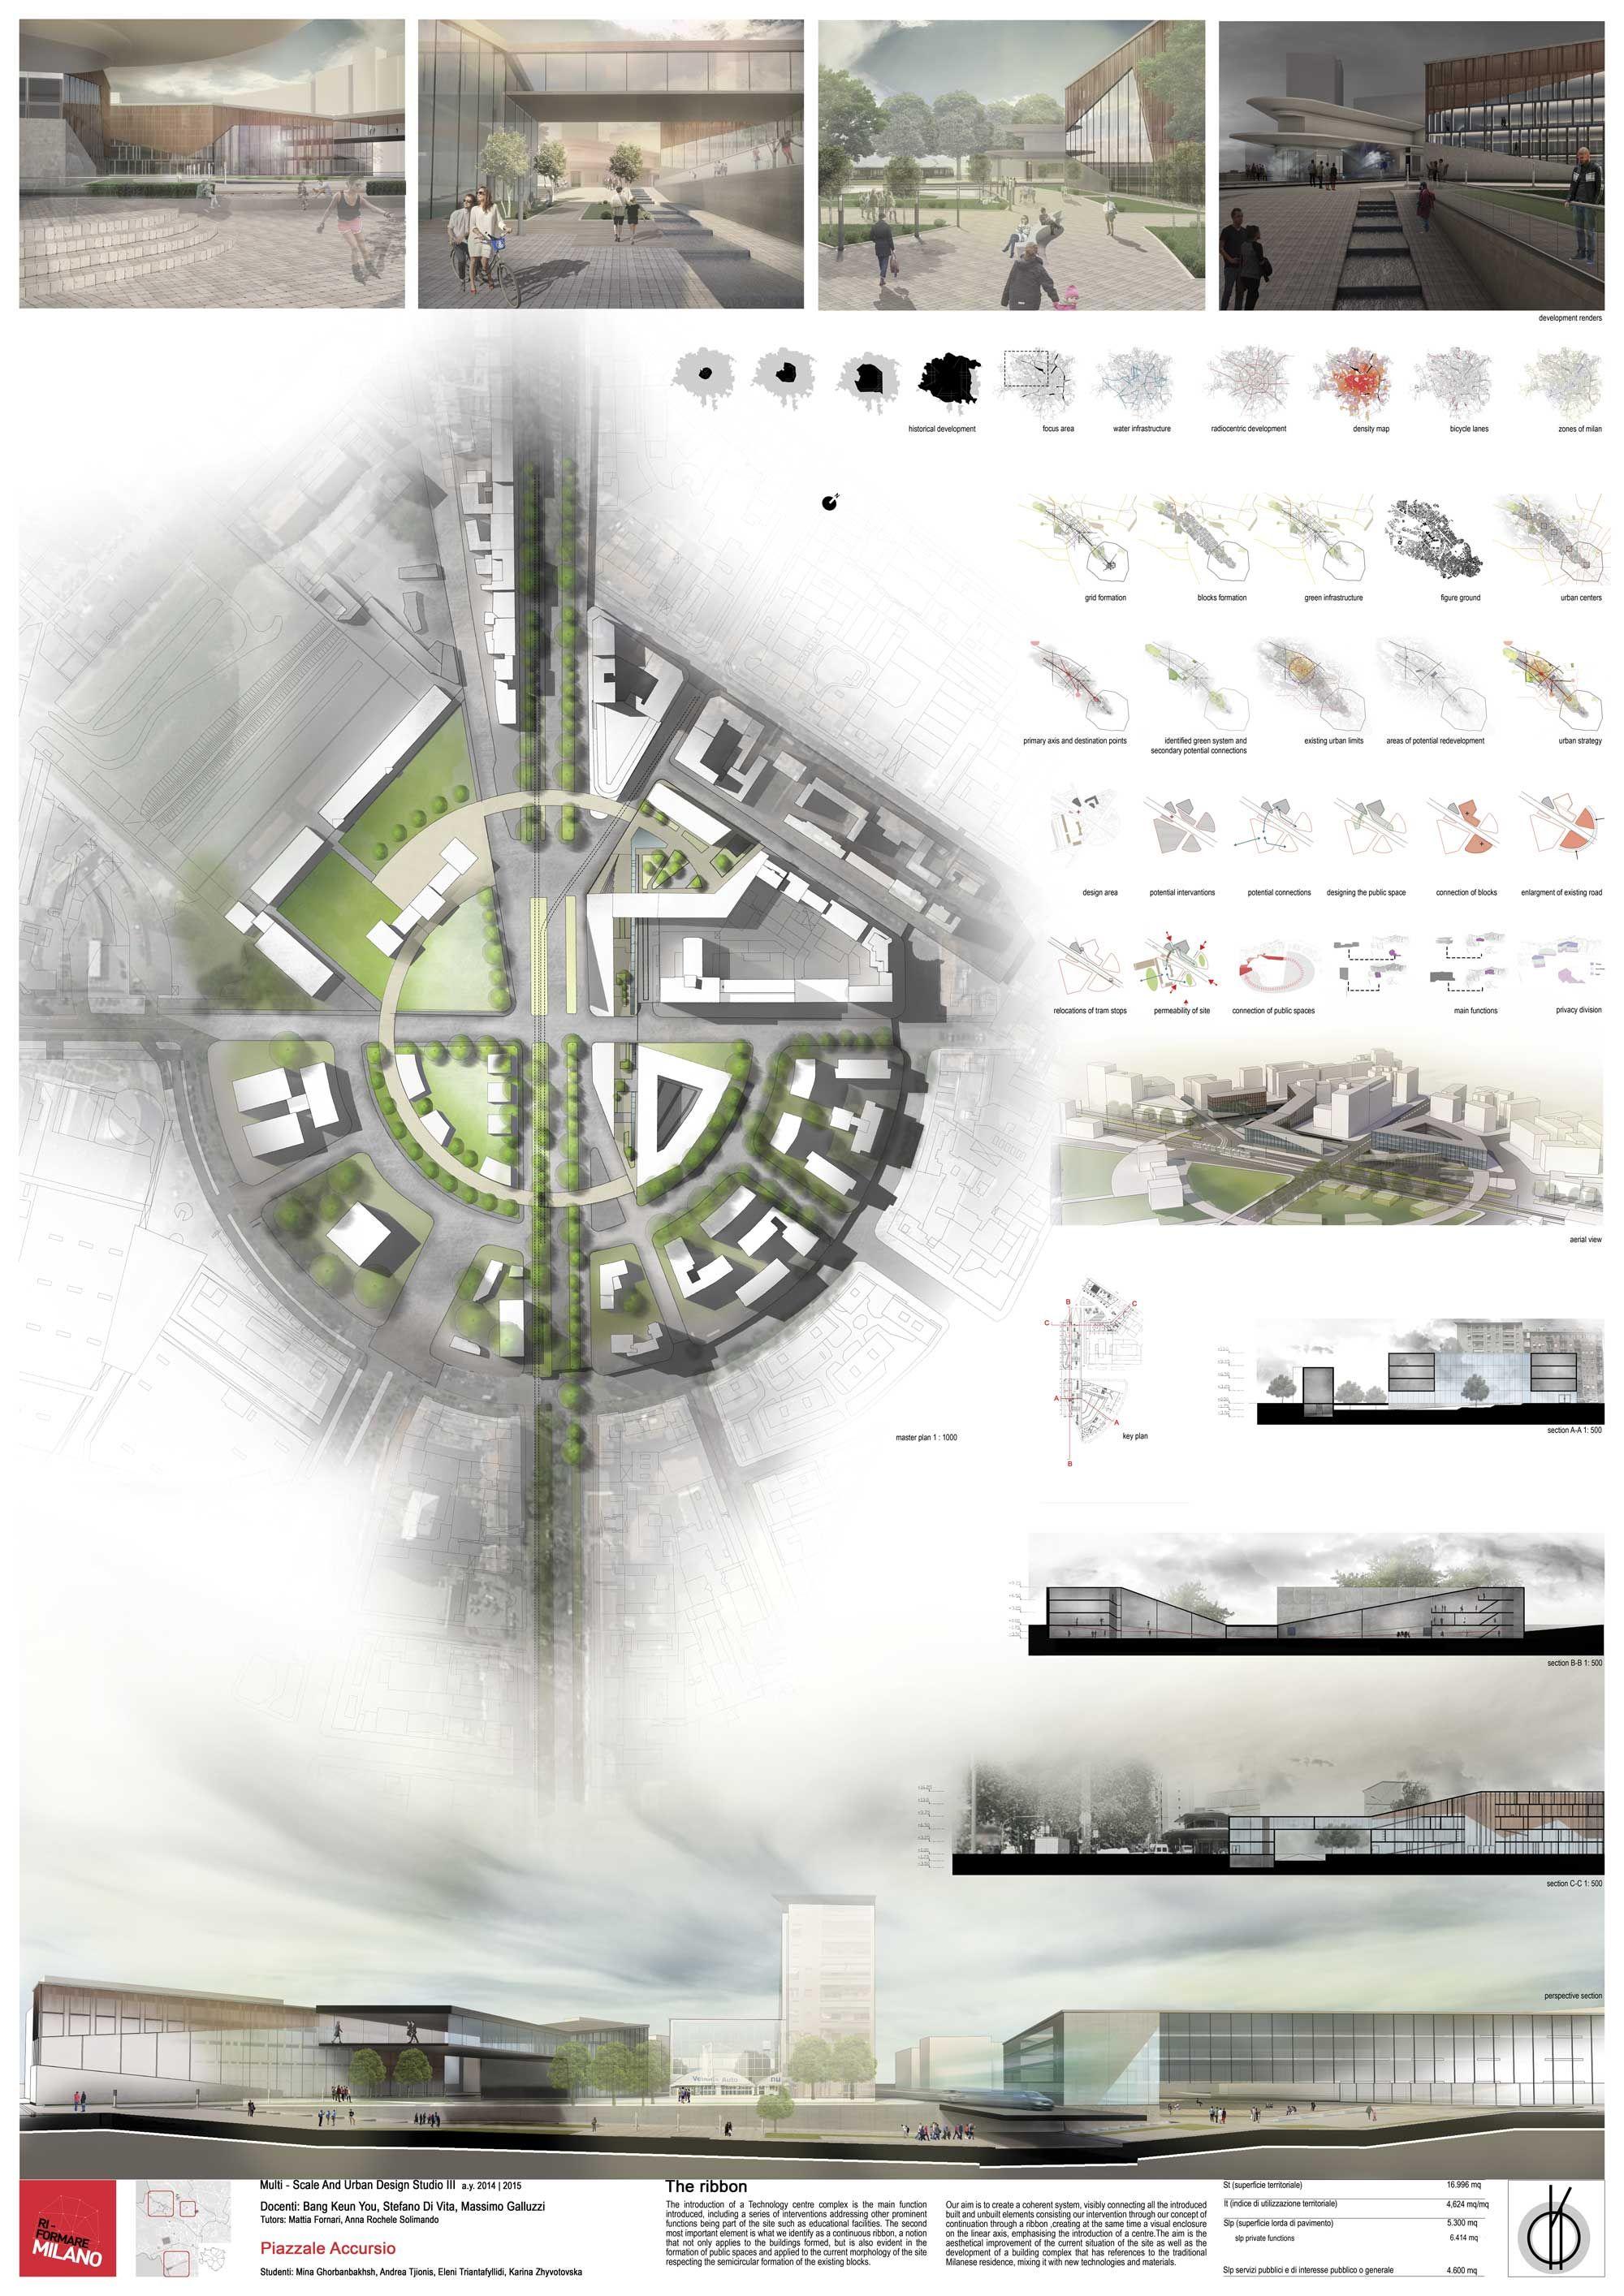 Studio Architettura Paesaggio Milano multi-scale architecture and urban design studio 3 | disegno